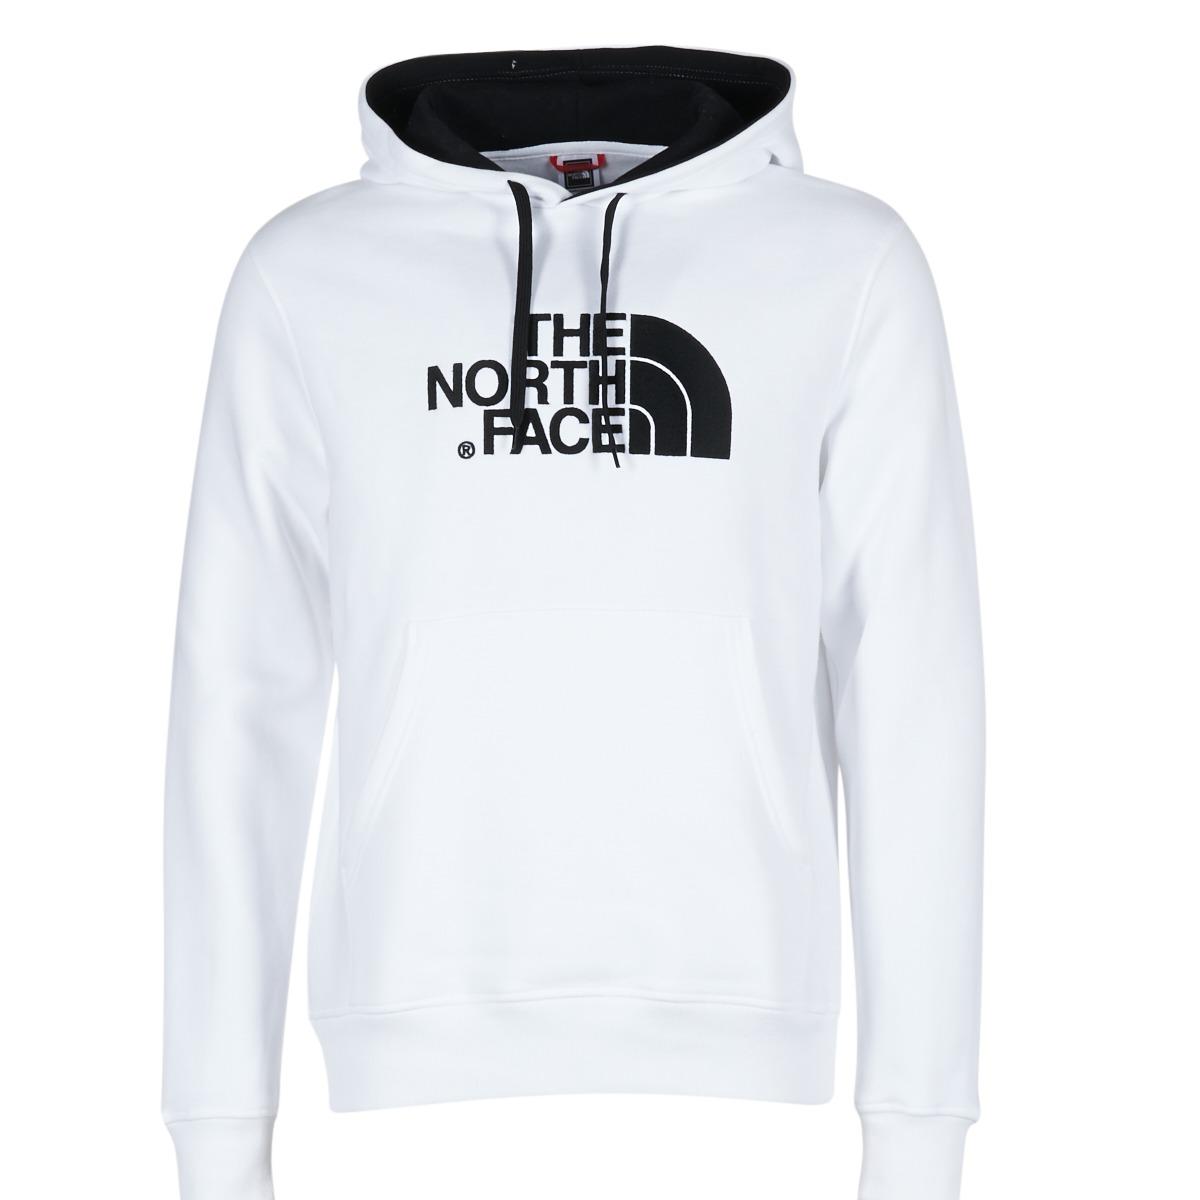 Sweatshirts The North Face  DREW PEAK PULLOVER HOODIE